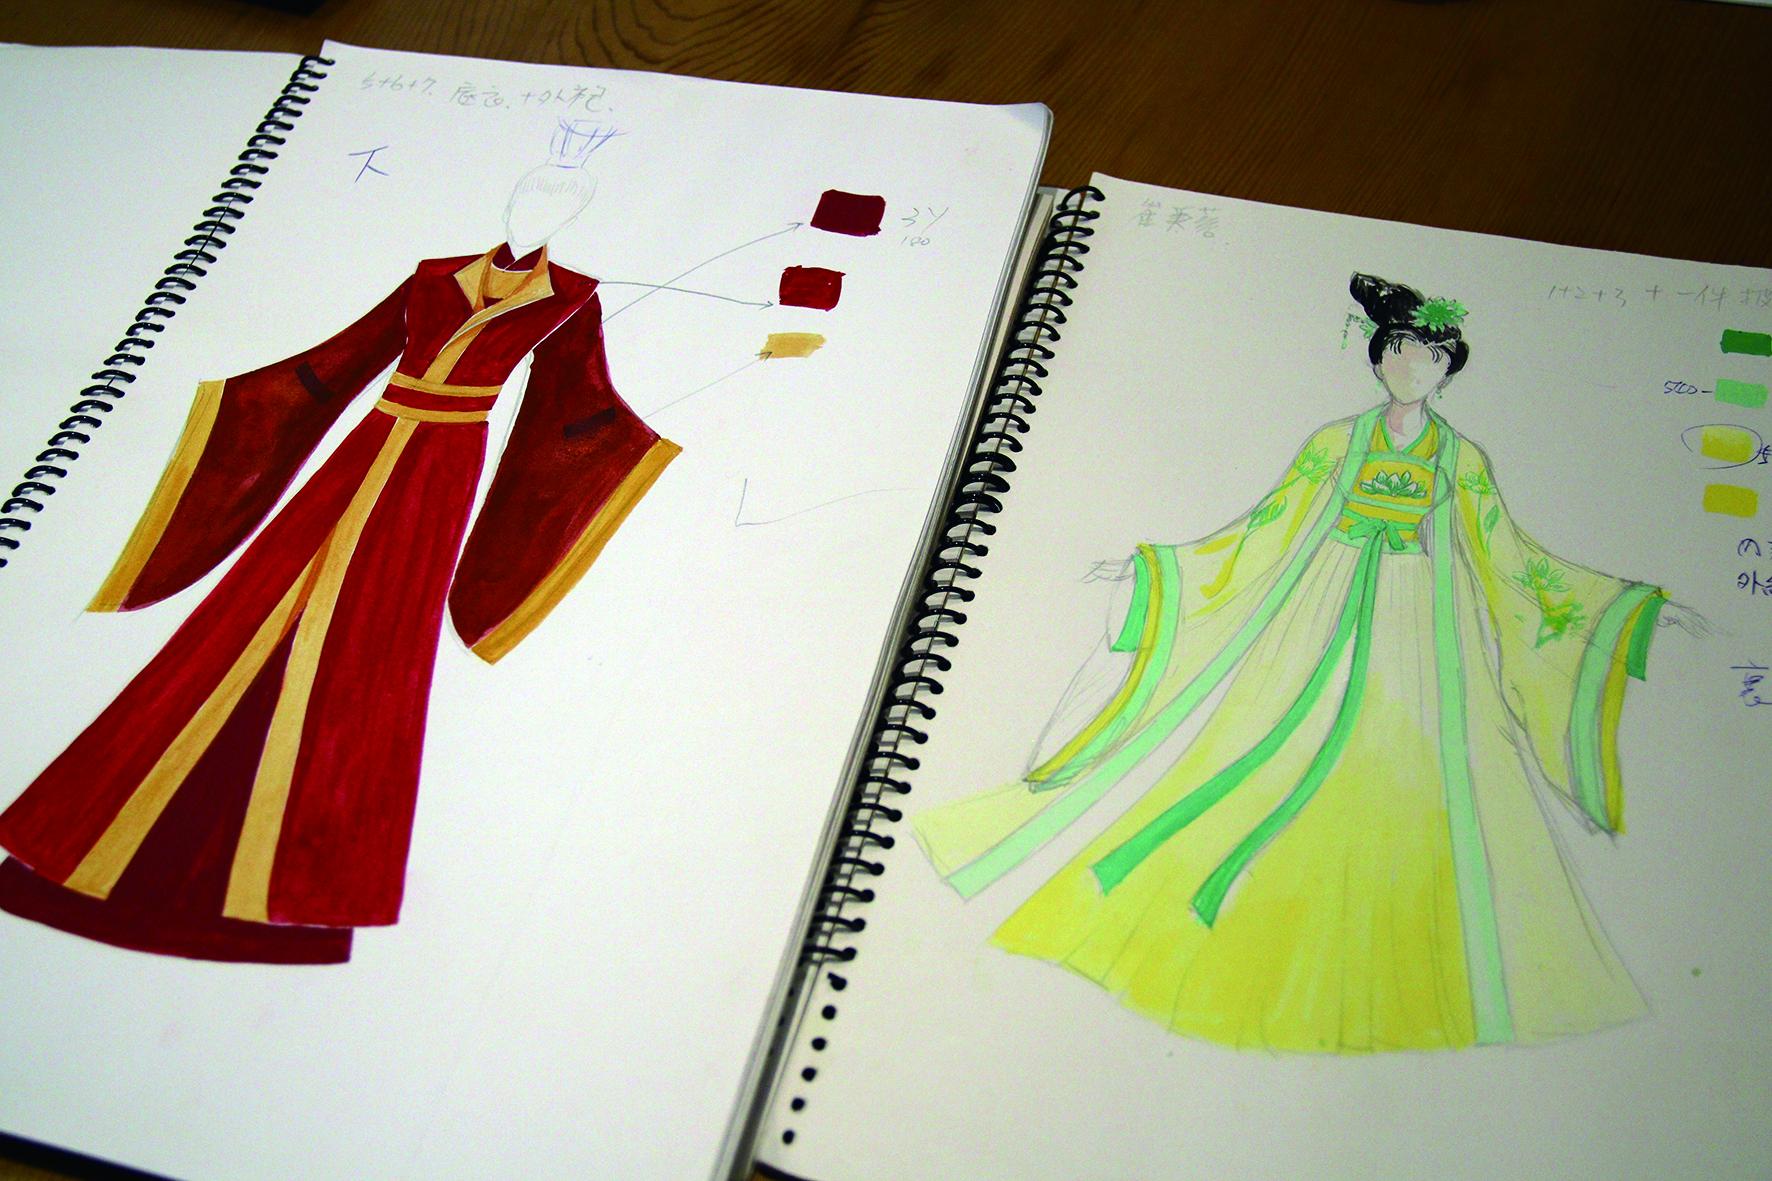 陳振旺為一心戲劇團《芙蓉歌》所繪製的戲服設計圖.JPG